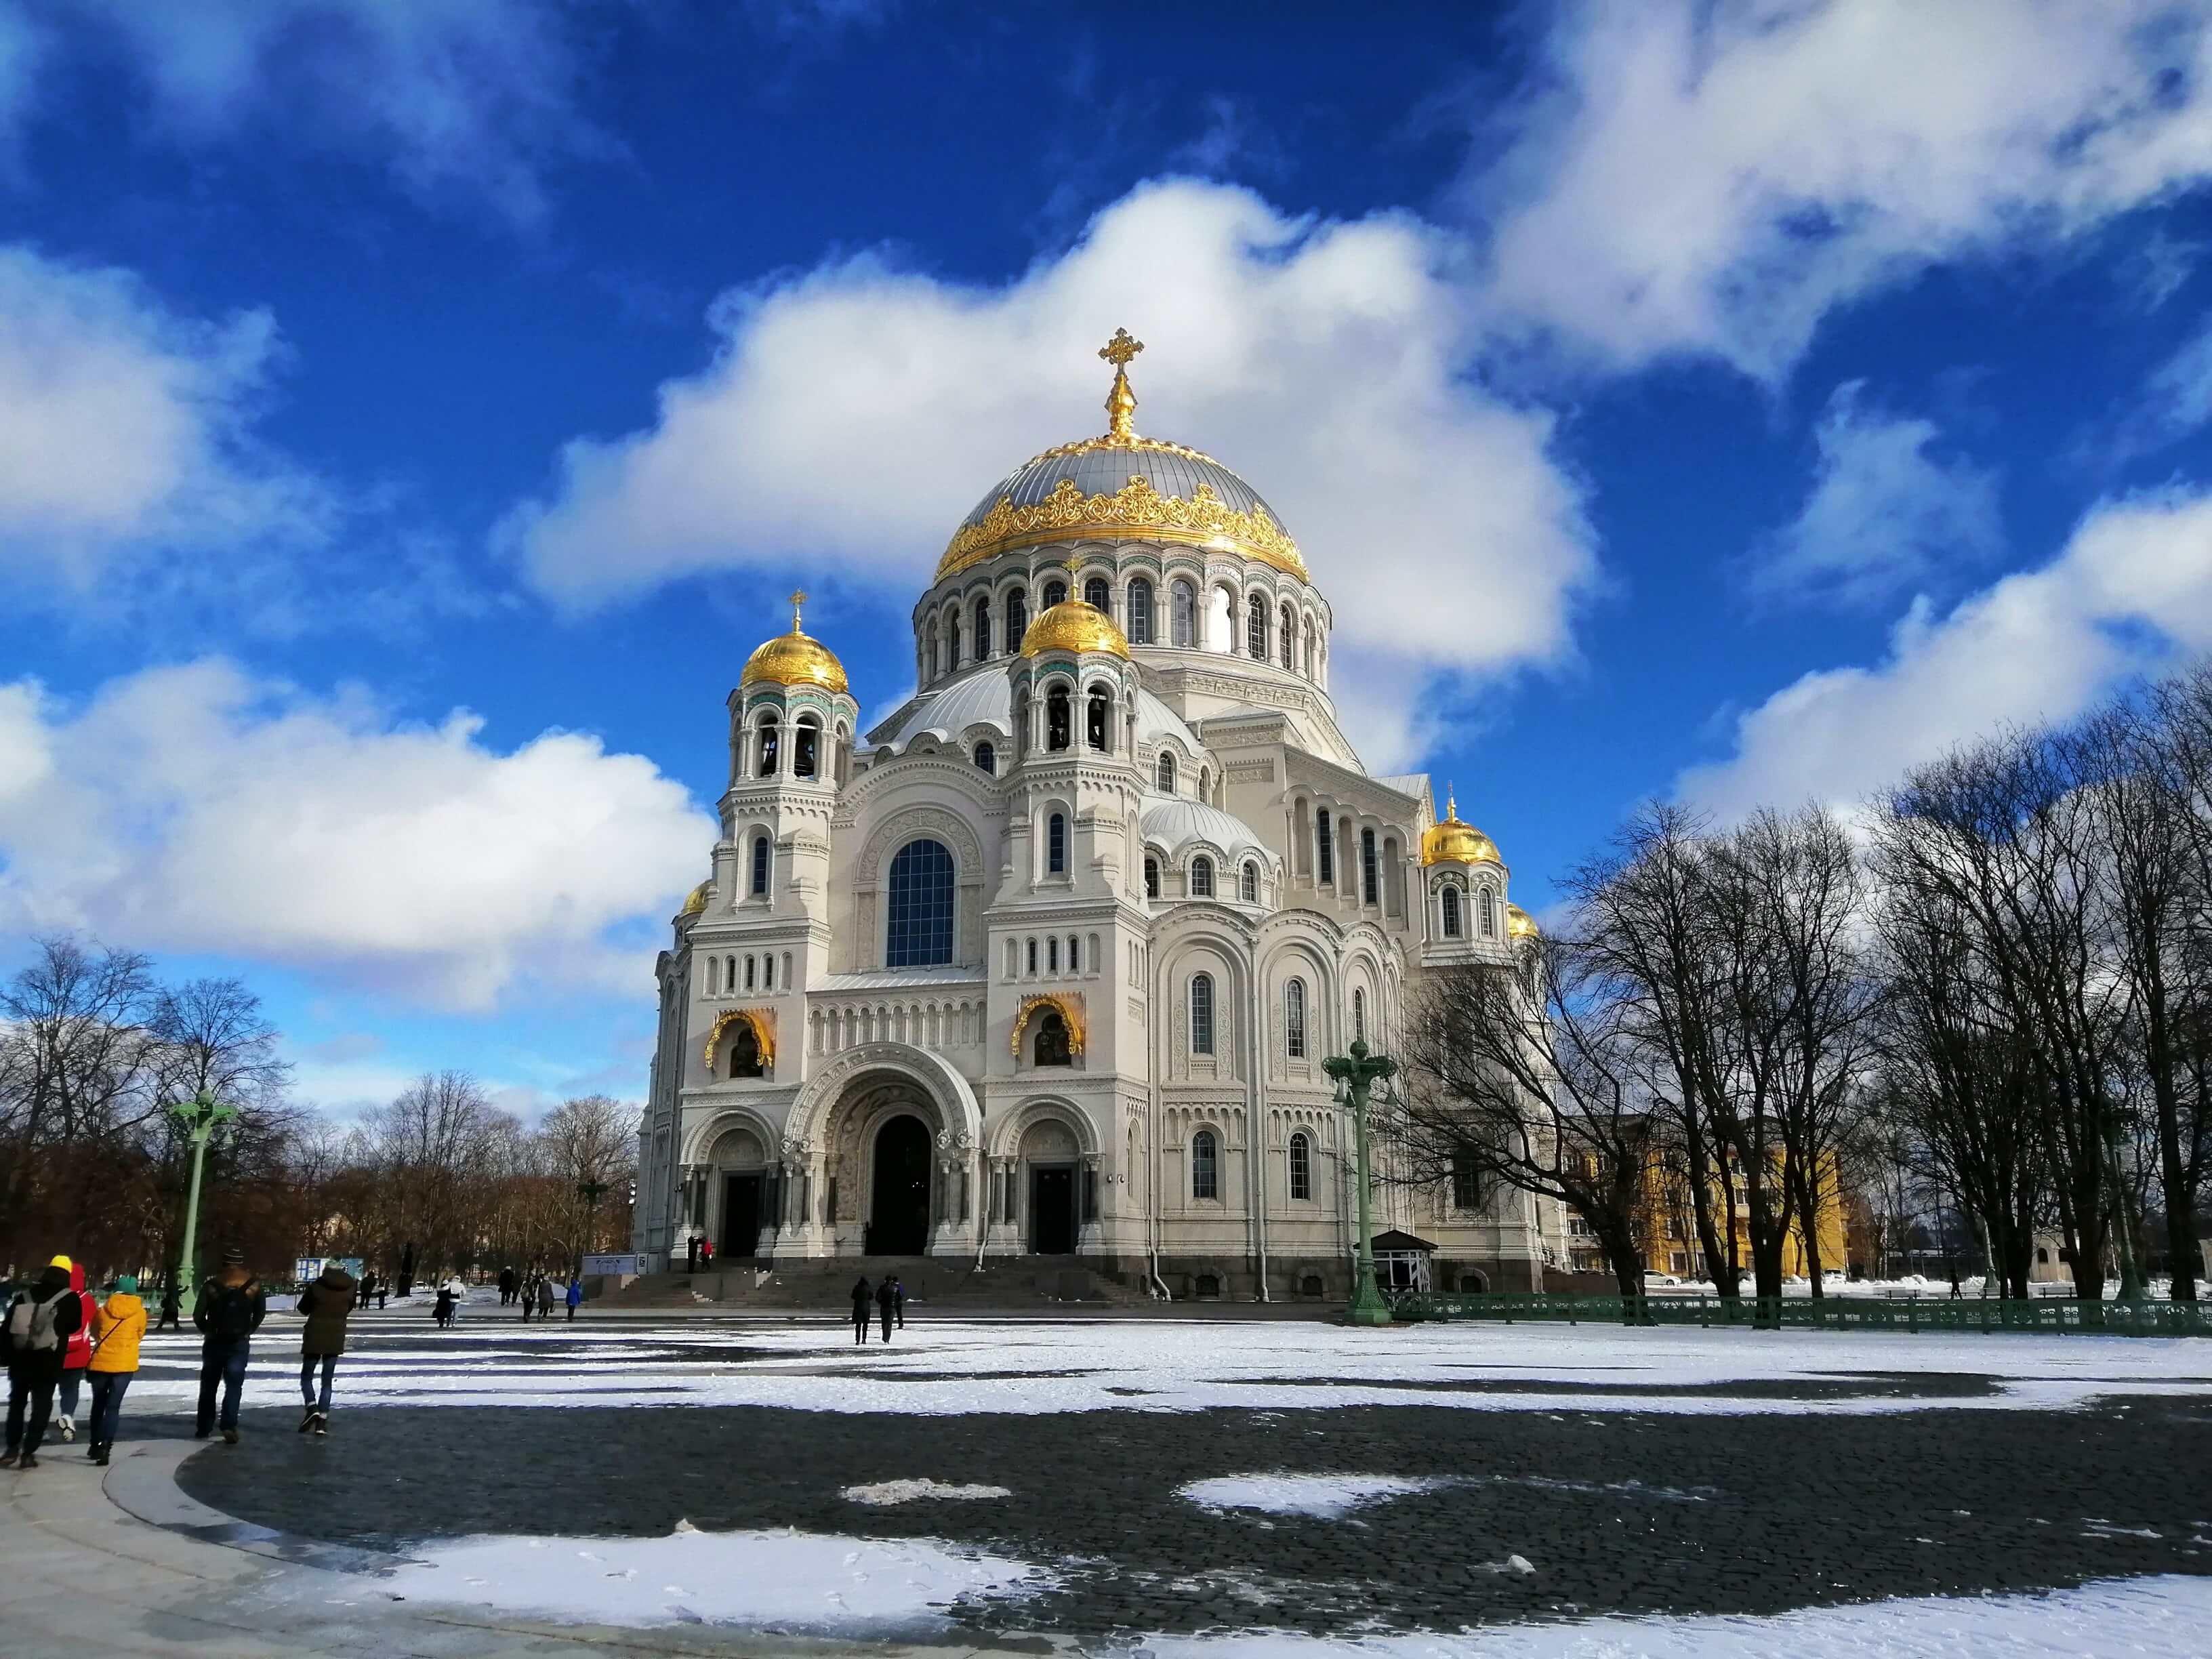 Экскурсии в Кронштадт их Петербурга